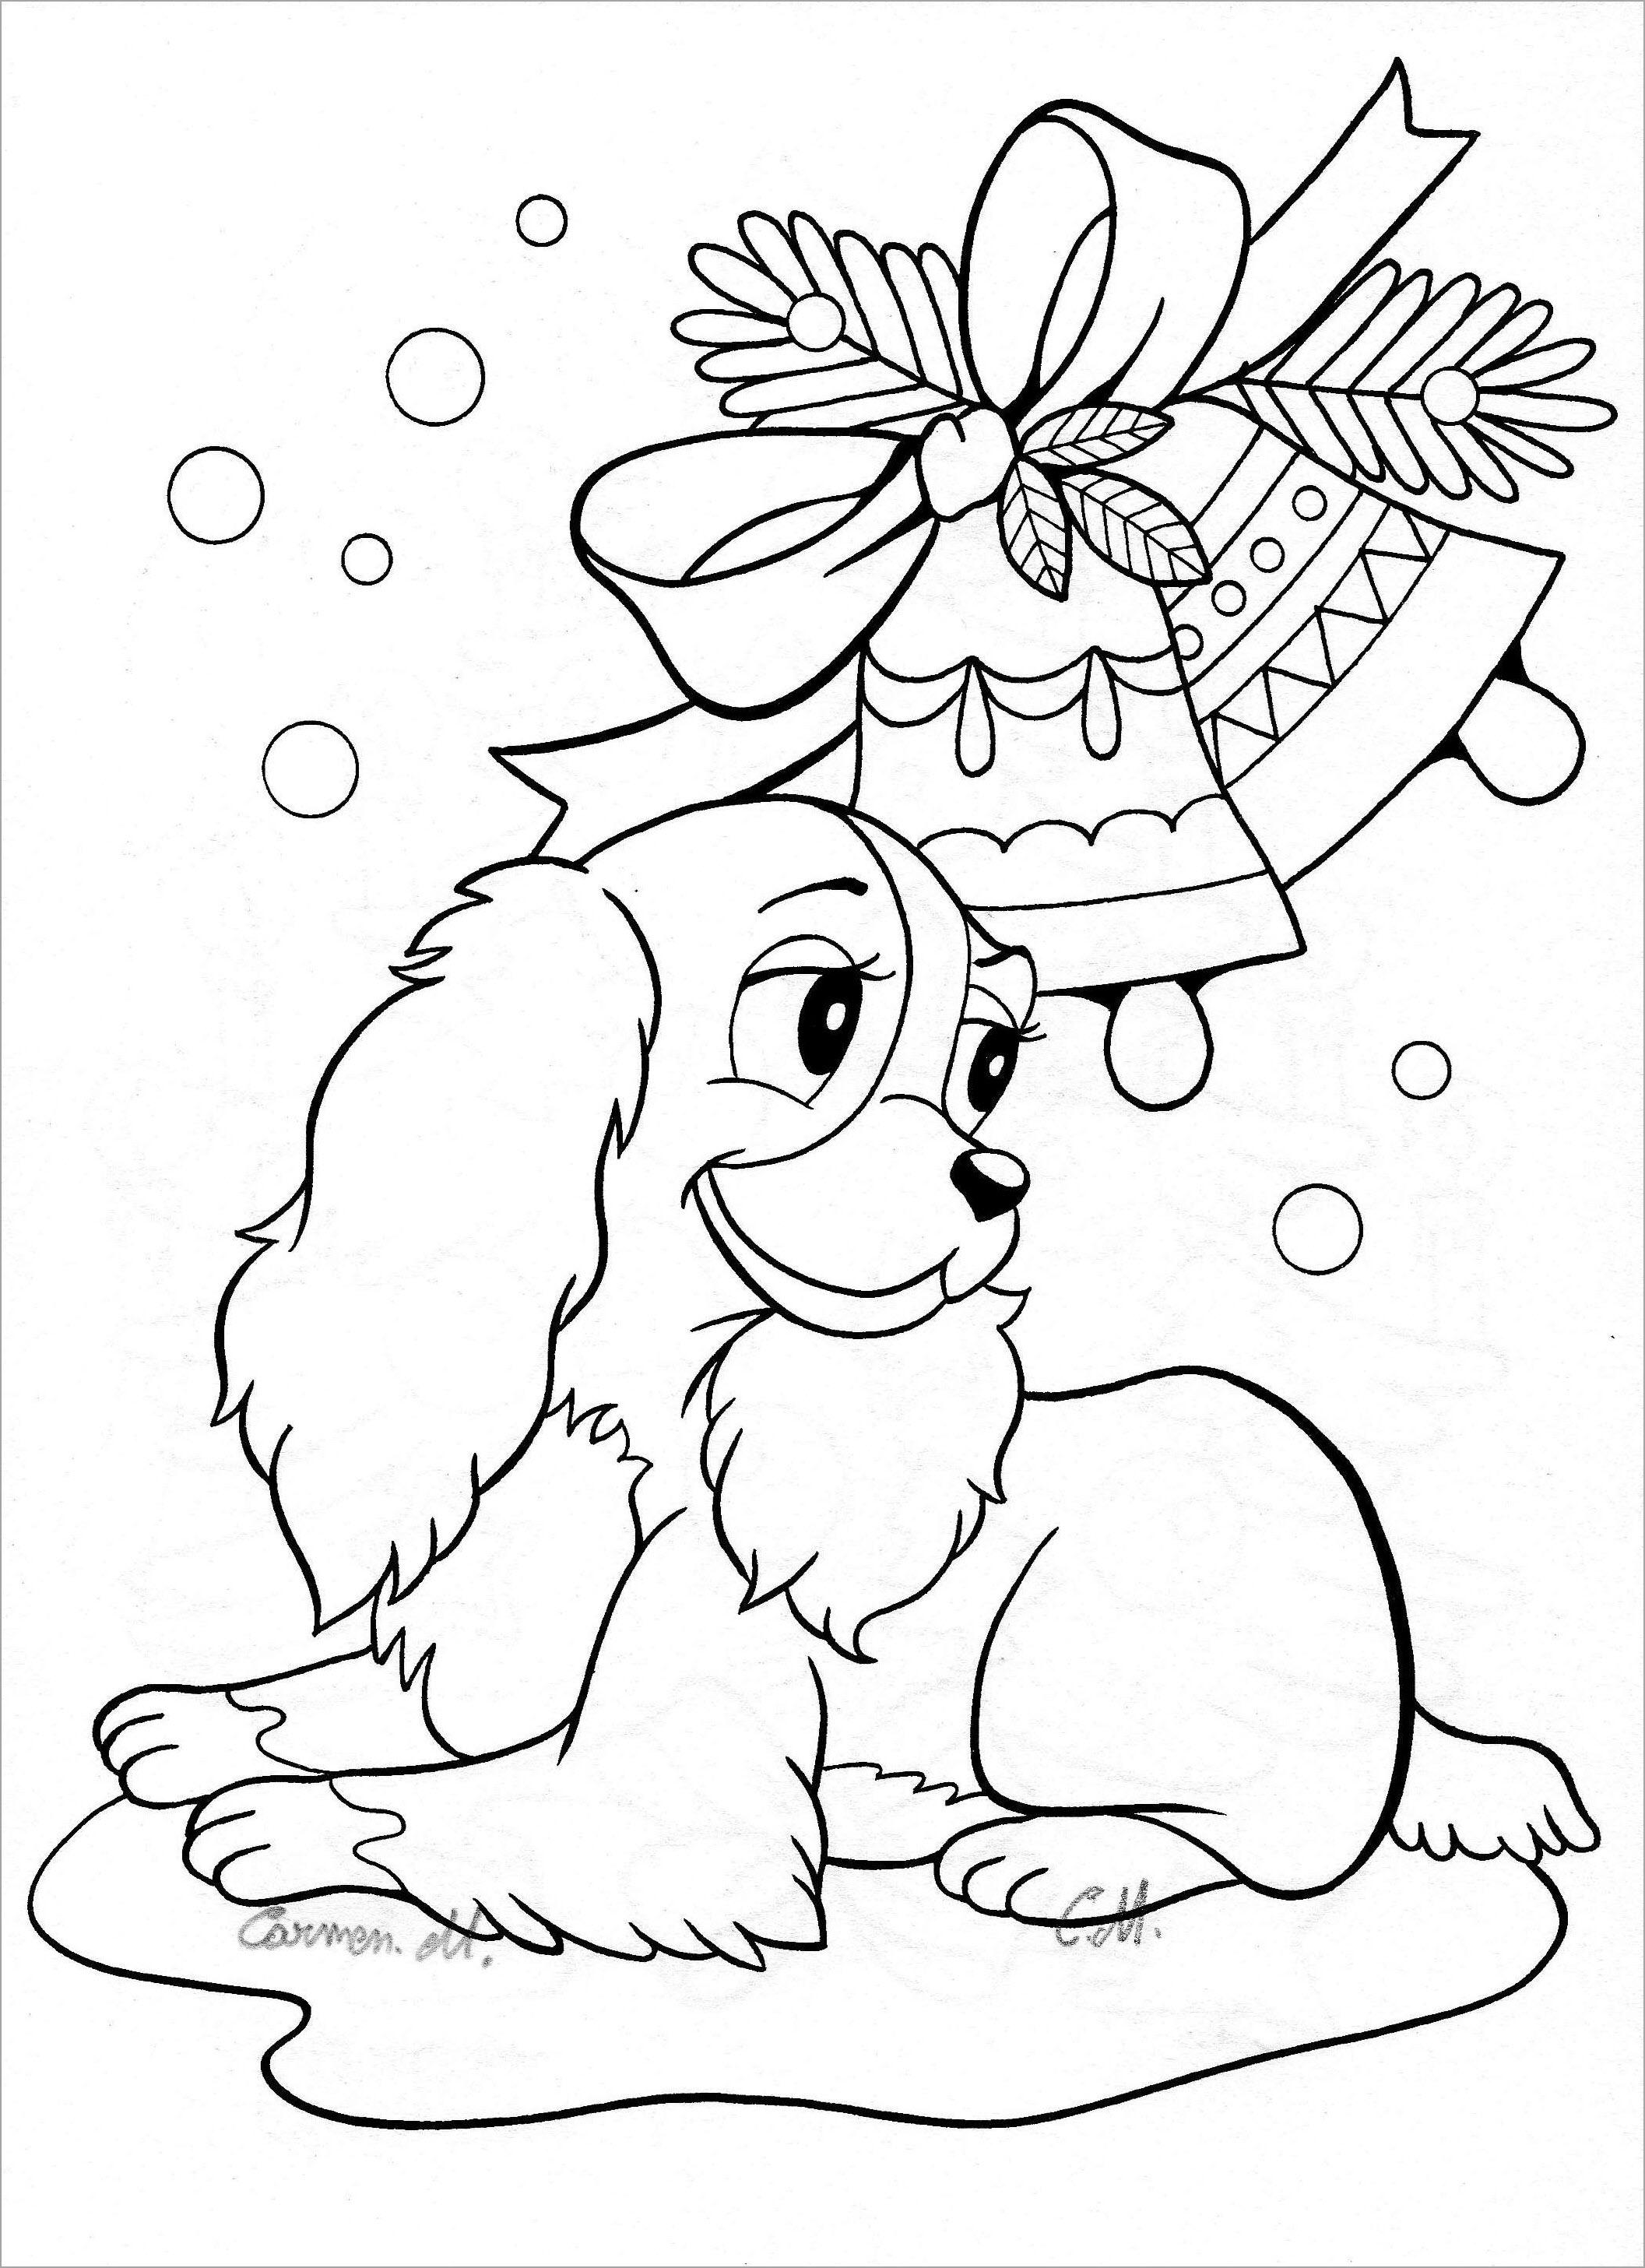 Tranh tô màu hình con chó